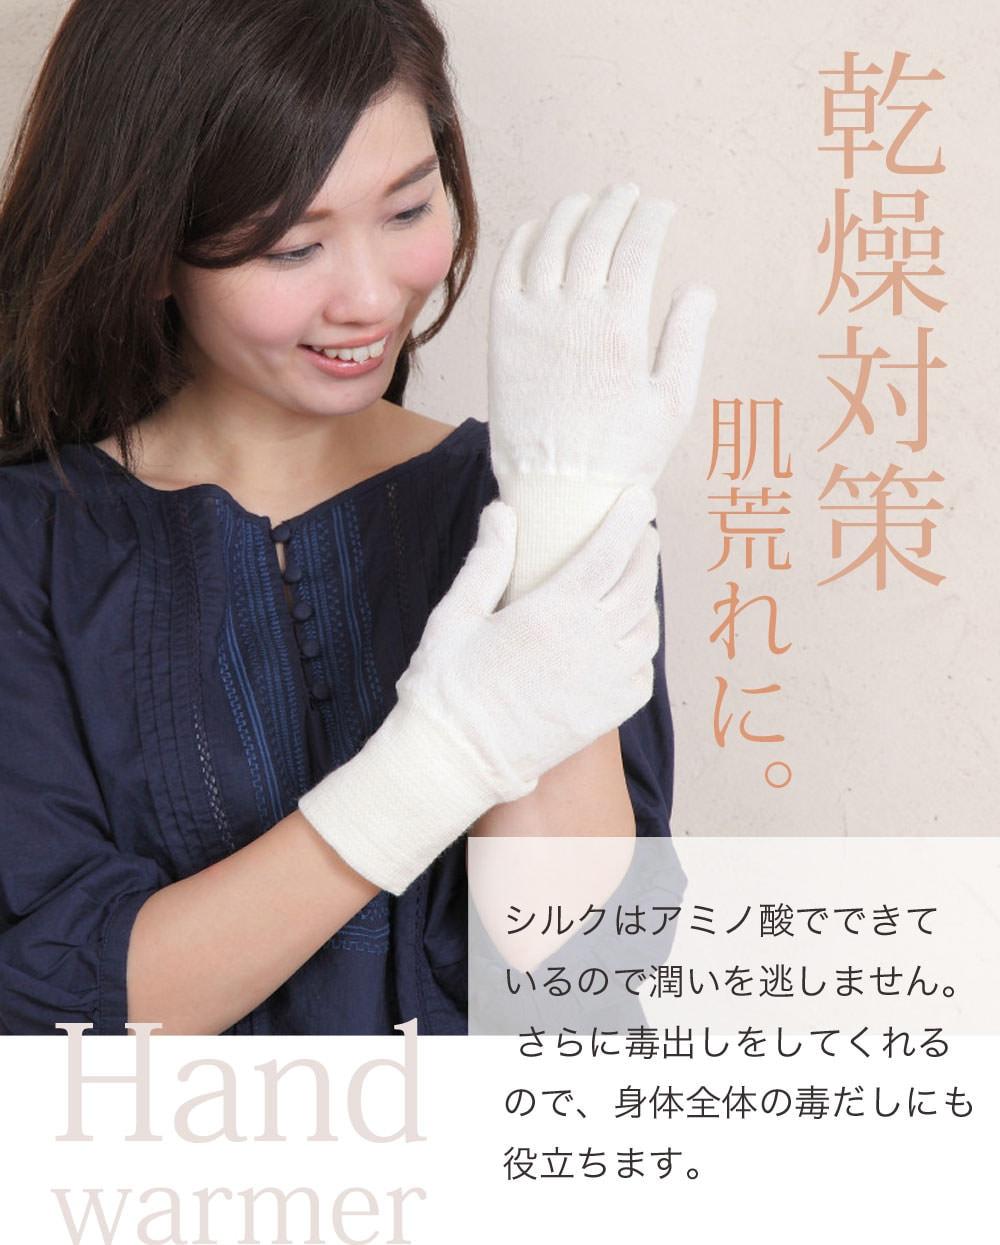 乾燥対策、肌荒れに。シルクはアミノ酸でできているので潤いを逃がしません。さらに毒出しをしてくれるので、体全体の毒出しにも役立ちます。